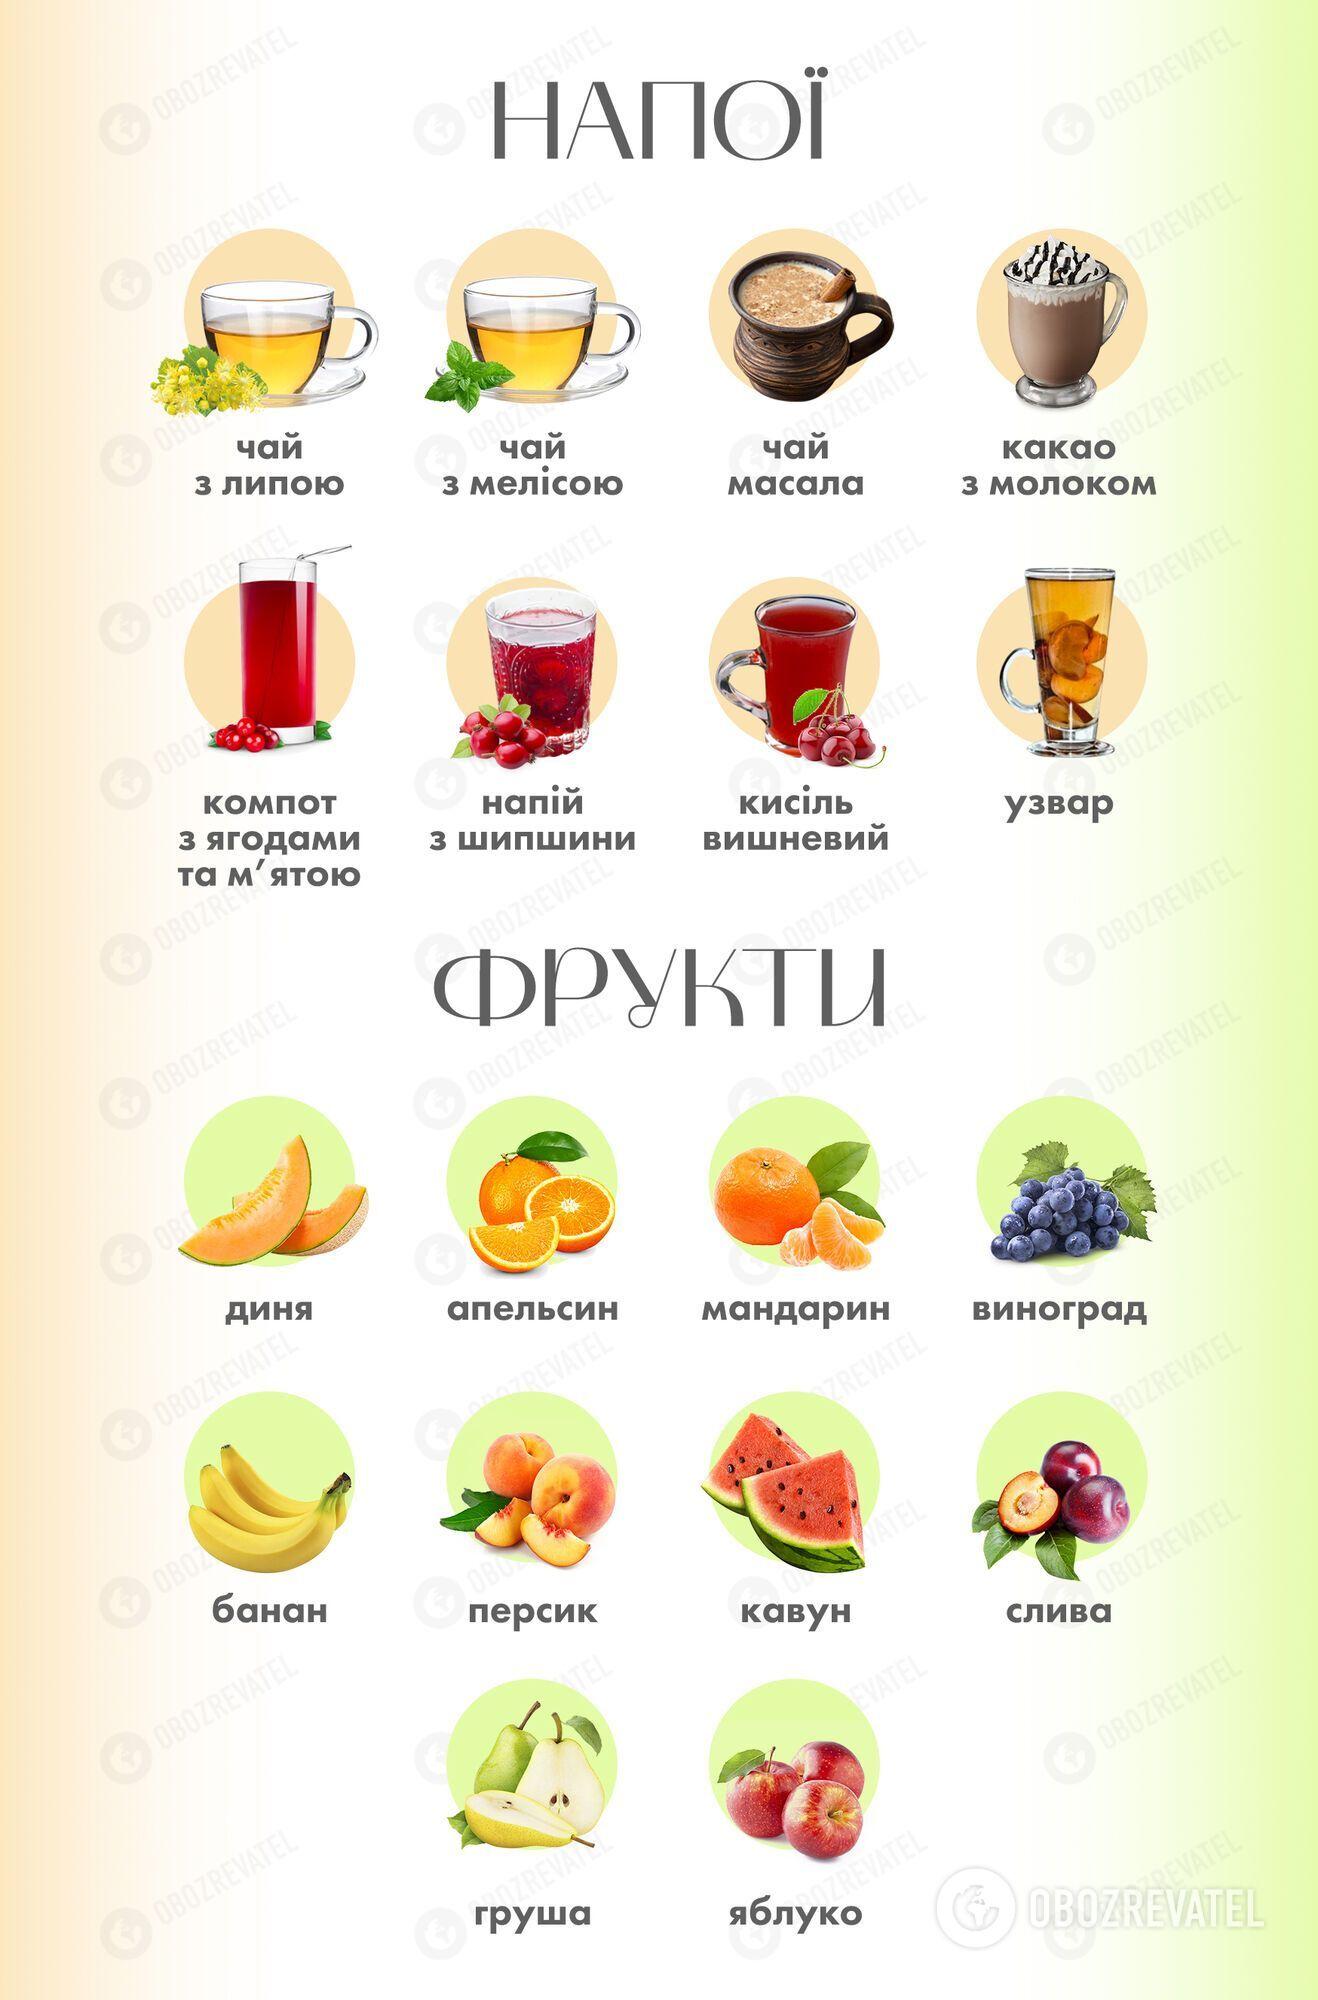 Предложенные виды напитков в школьном меню.